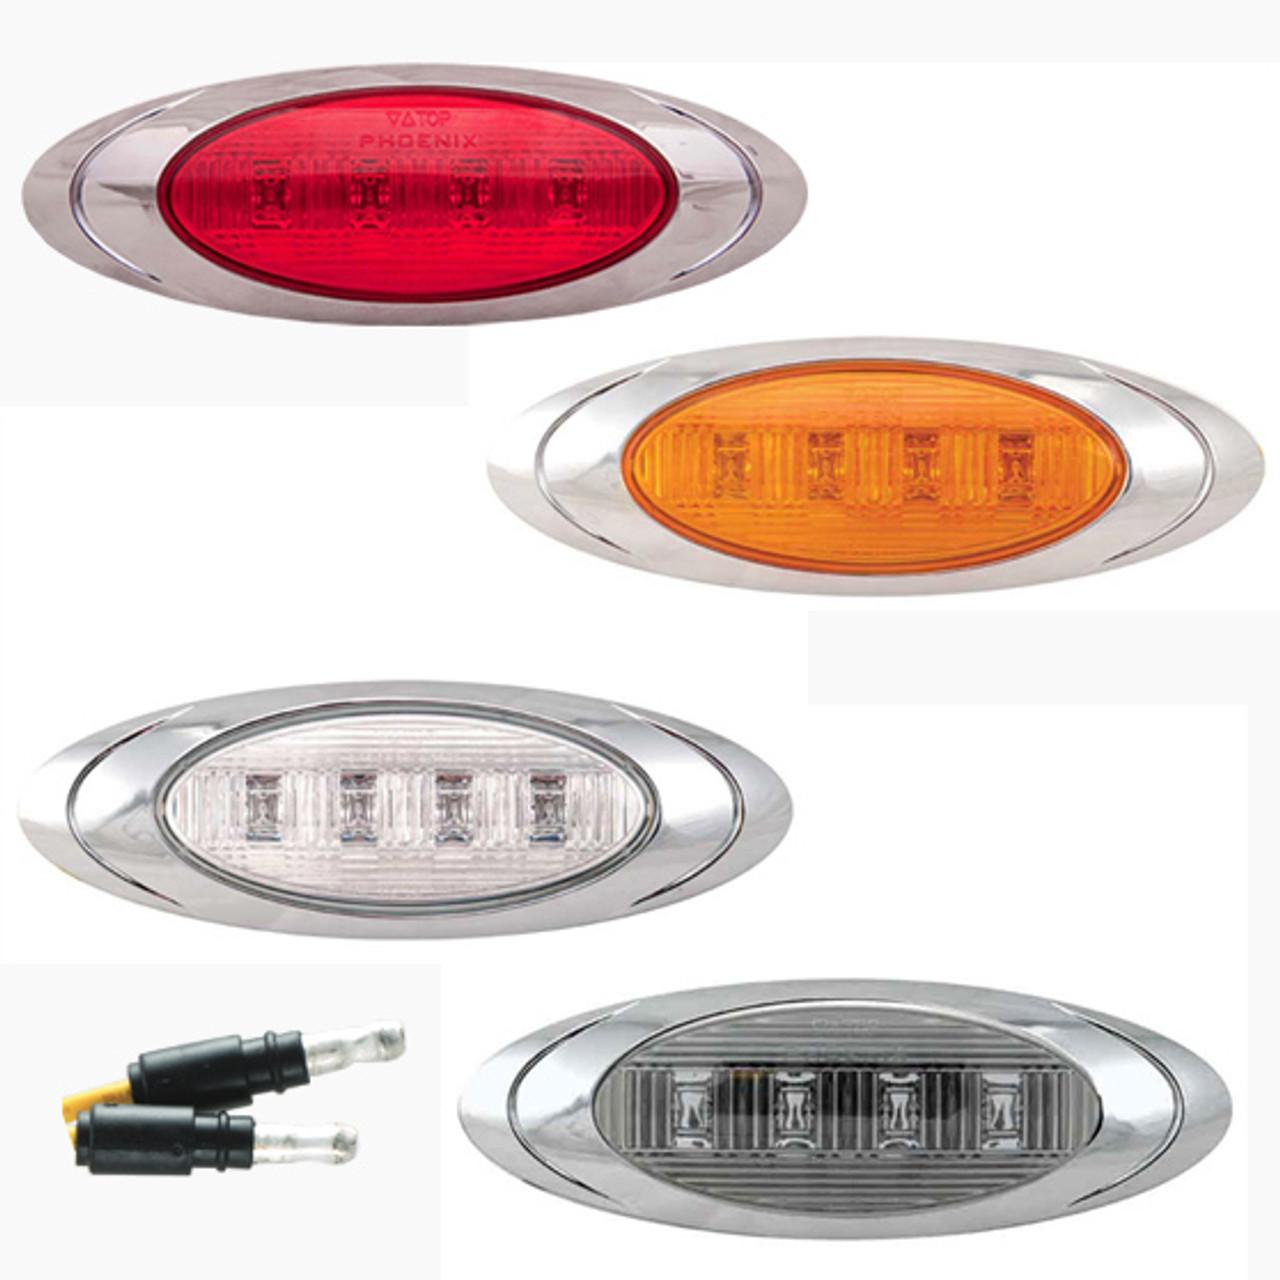 Light Bar Lense Covers